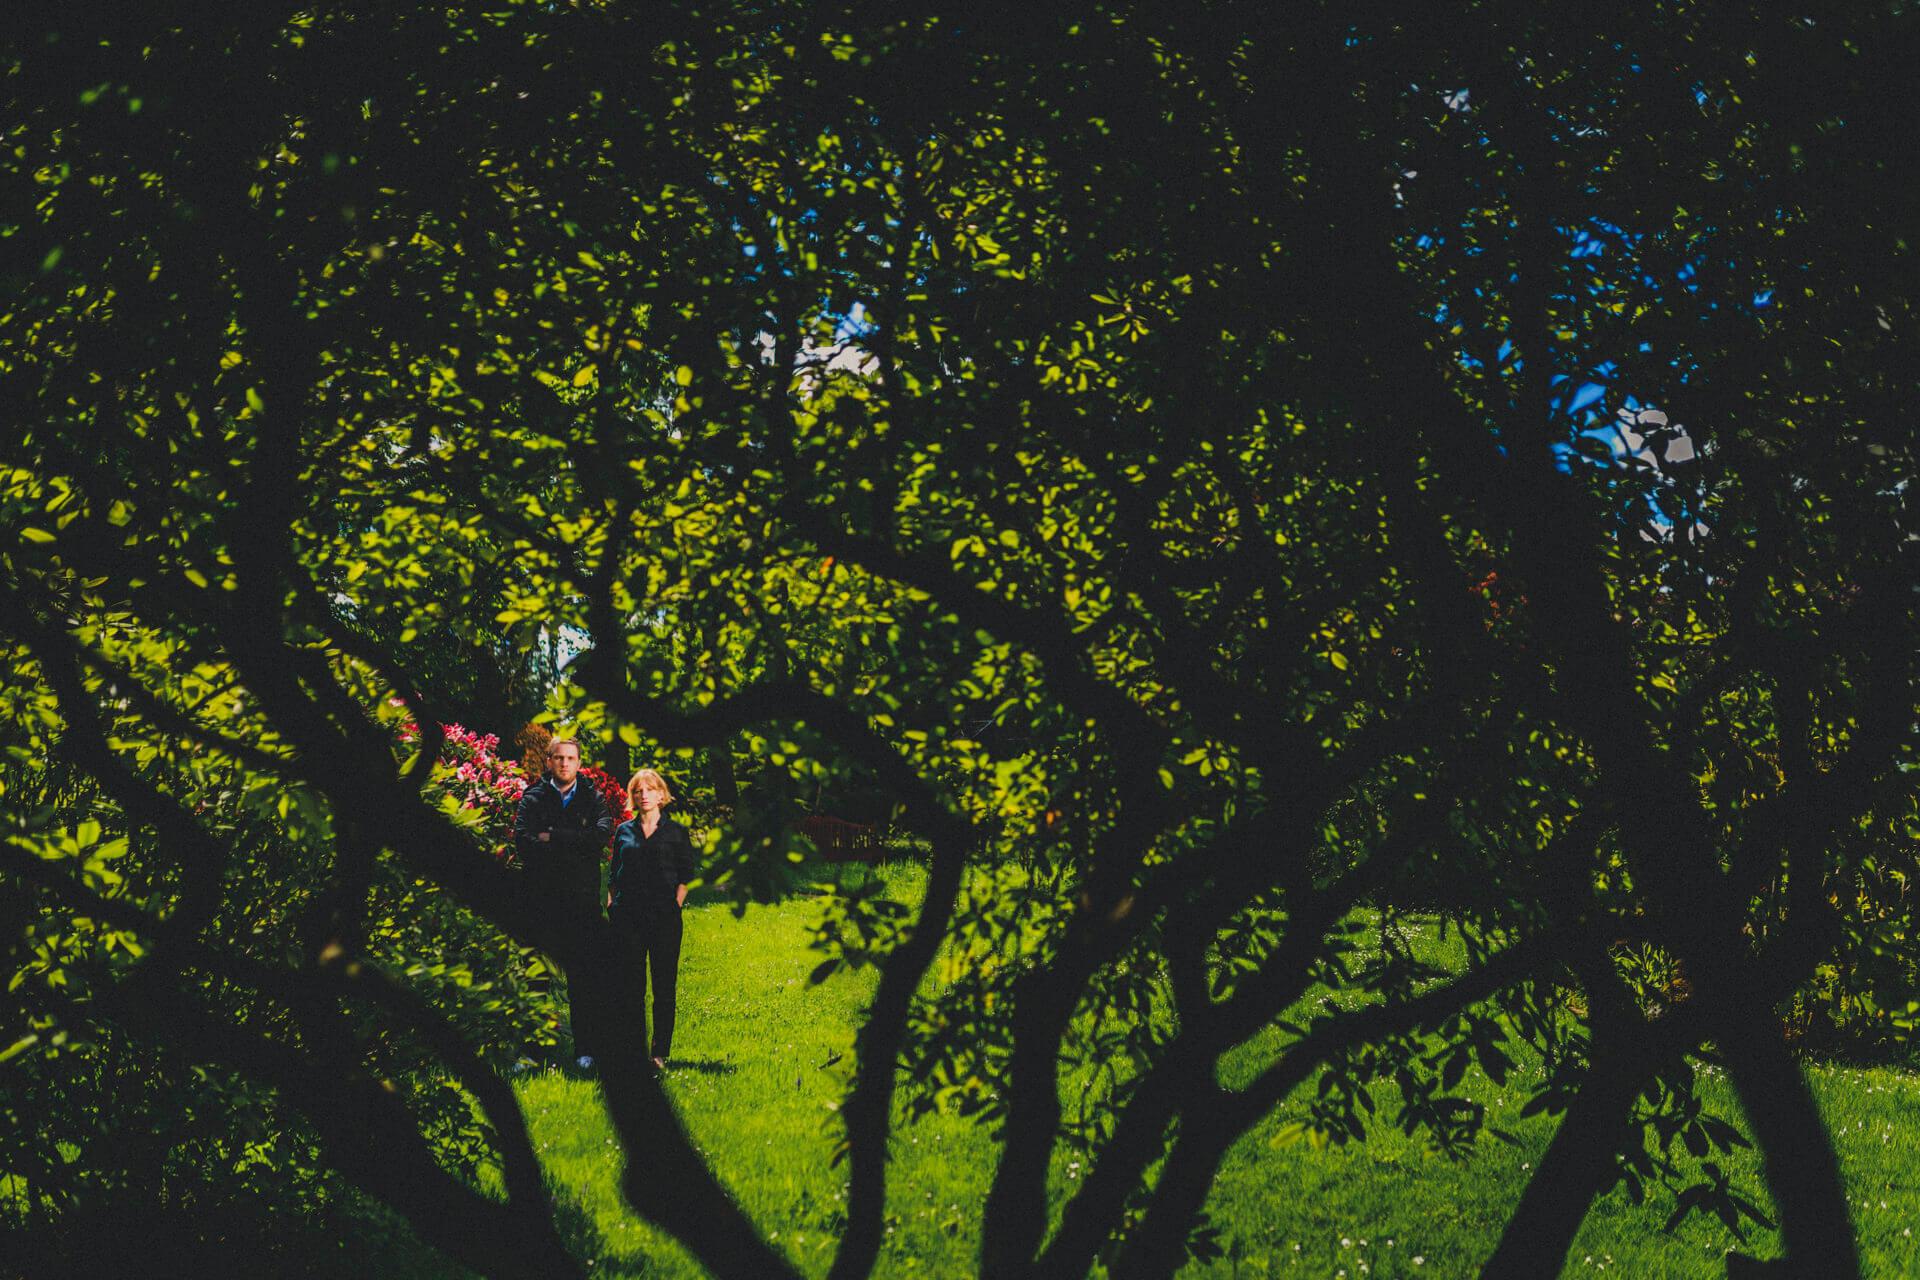 Alles auf Stopp - Corona-Doku-Fotoprojekt - EIne Porträt-Reportage über unter der Corona-Krise leidenden lokalen Unternehmen - Hochzeitslocation Landhotel Waldhaus Laubach